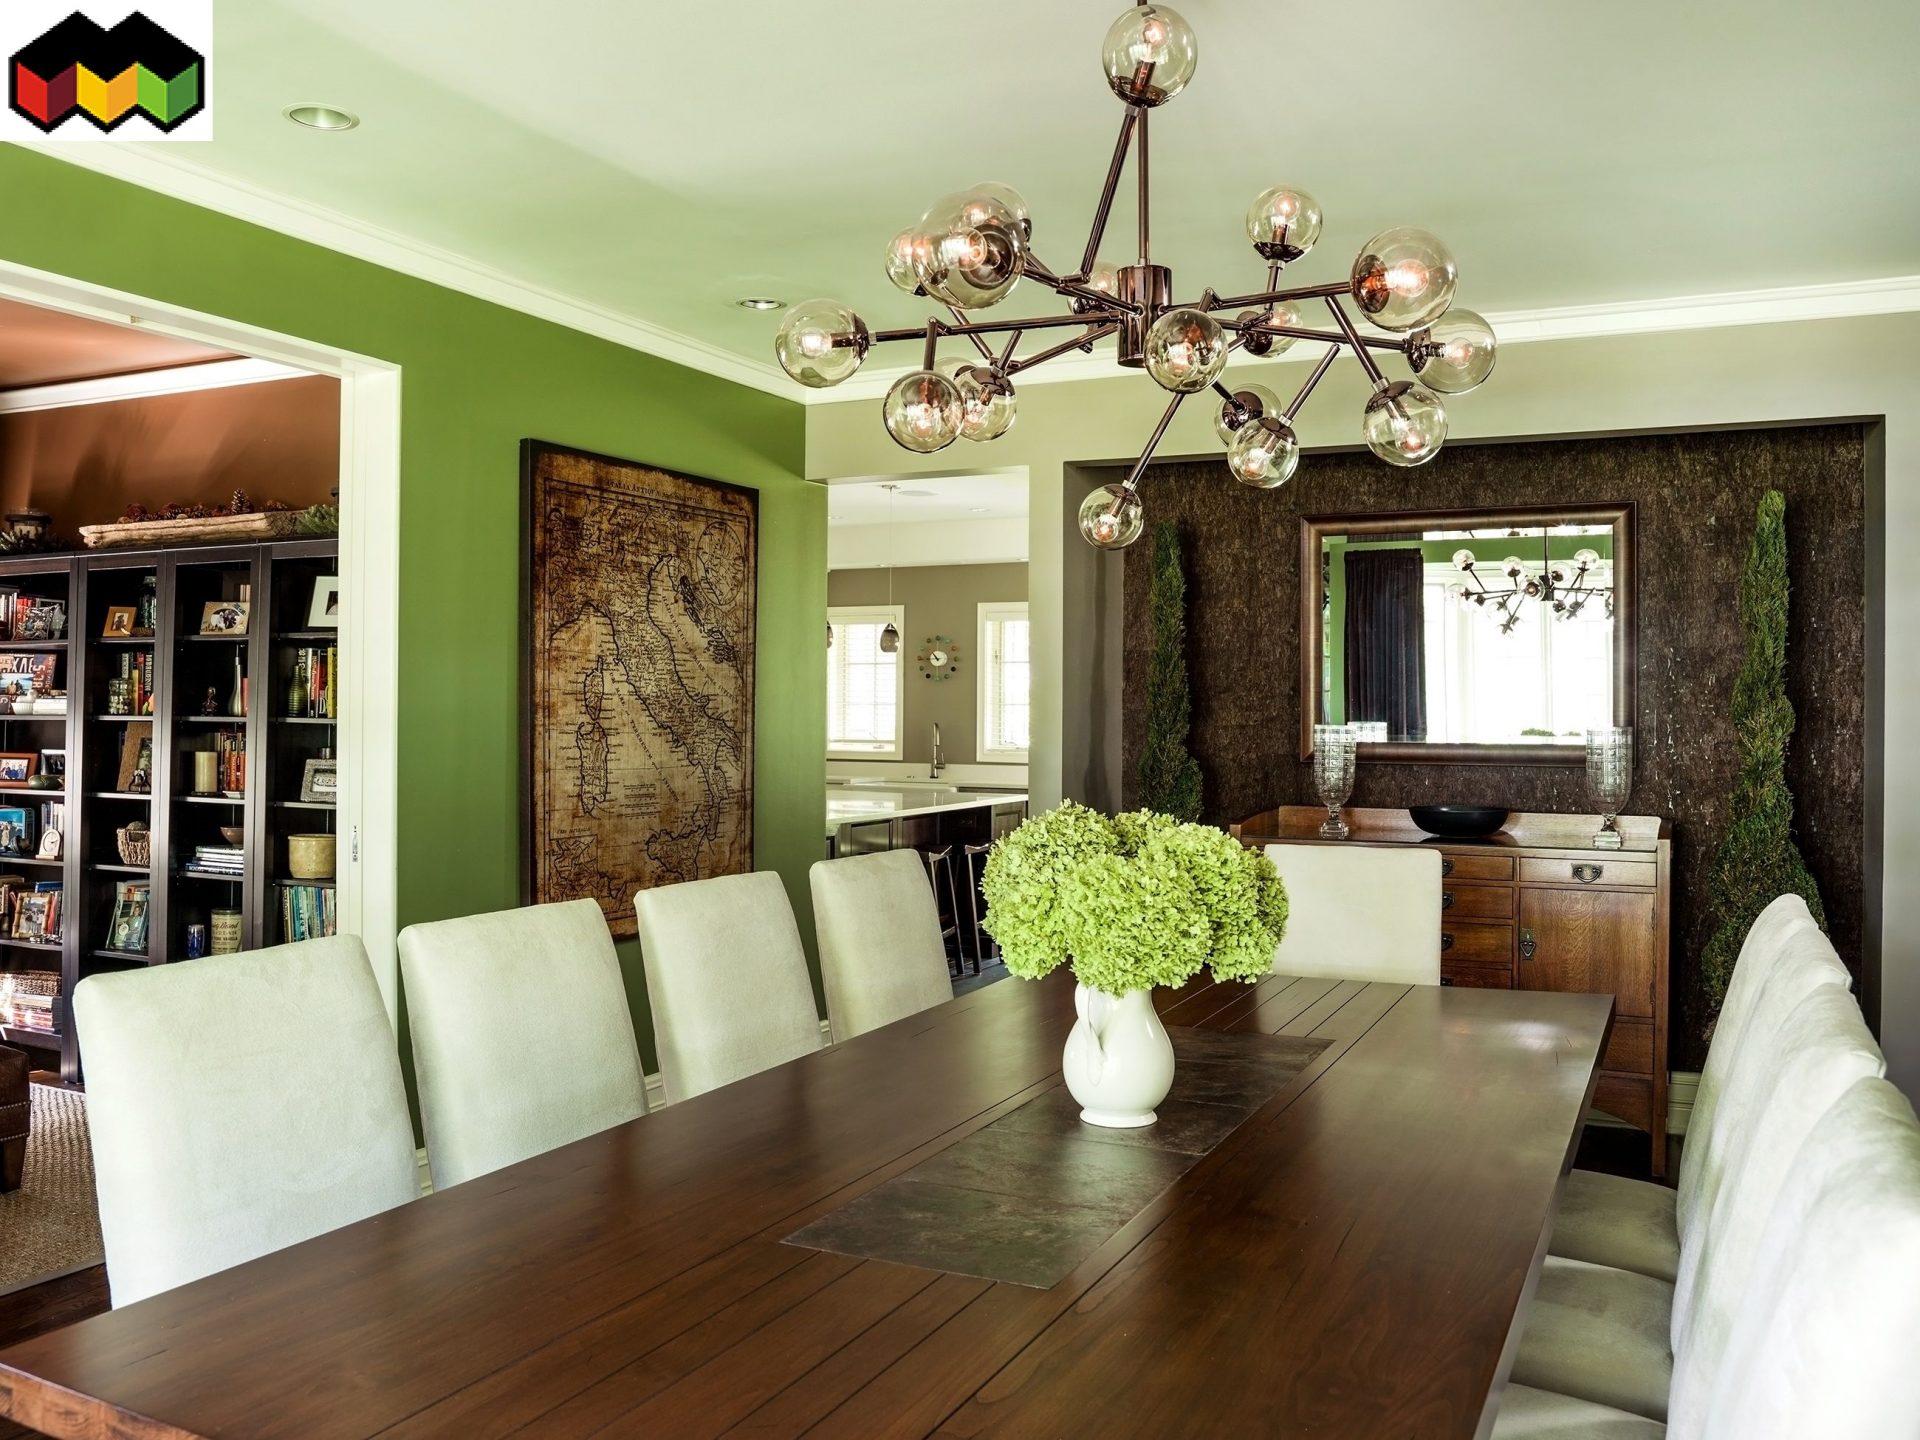 - dịch vụ sơn nhà chống thấm - thợ sơn nhà tại quận gò vấp - 0368115251 - Mái Nhà Đẹp